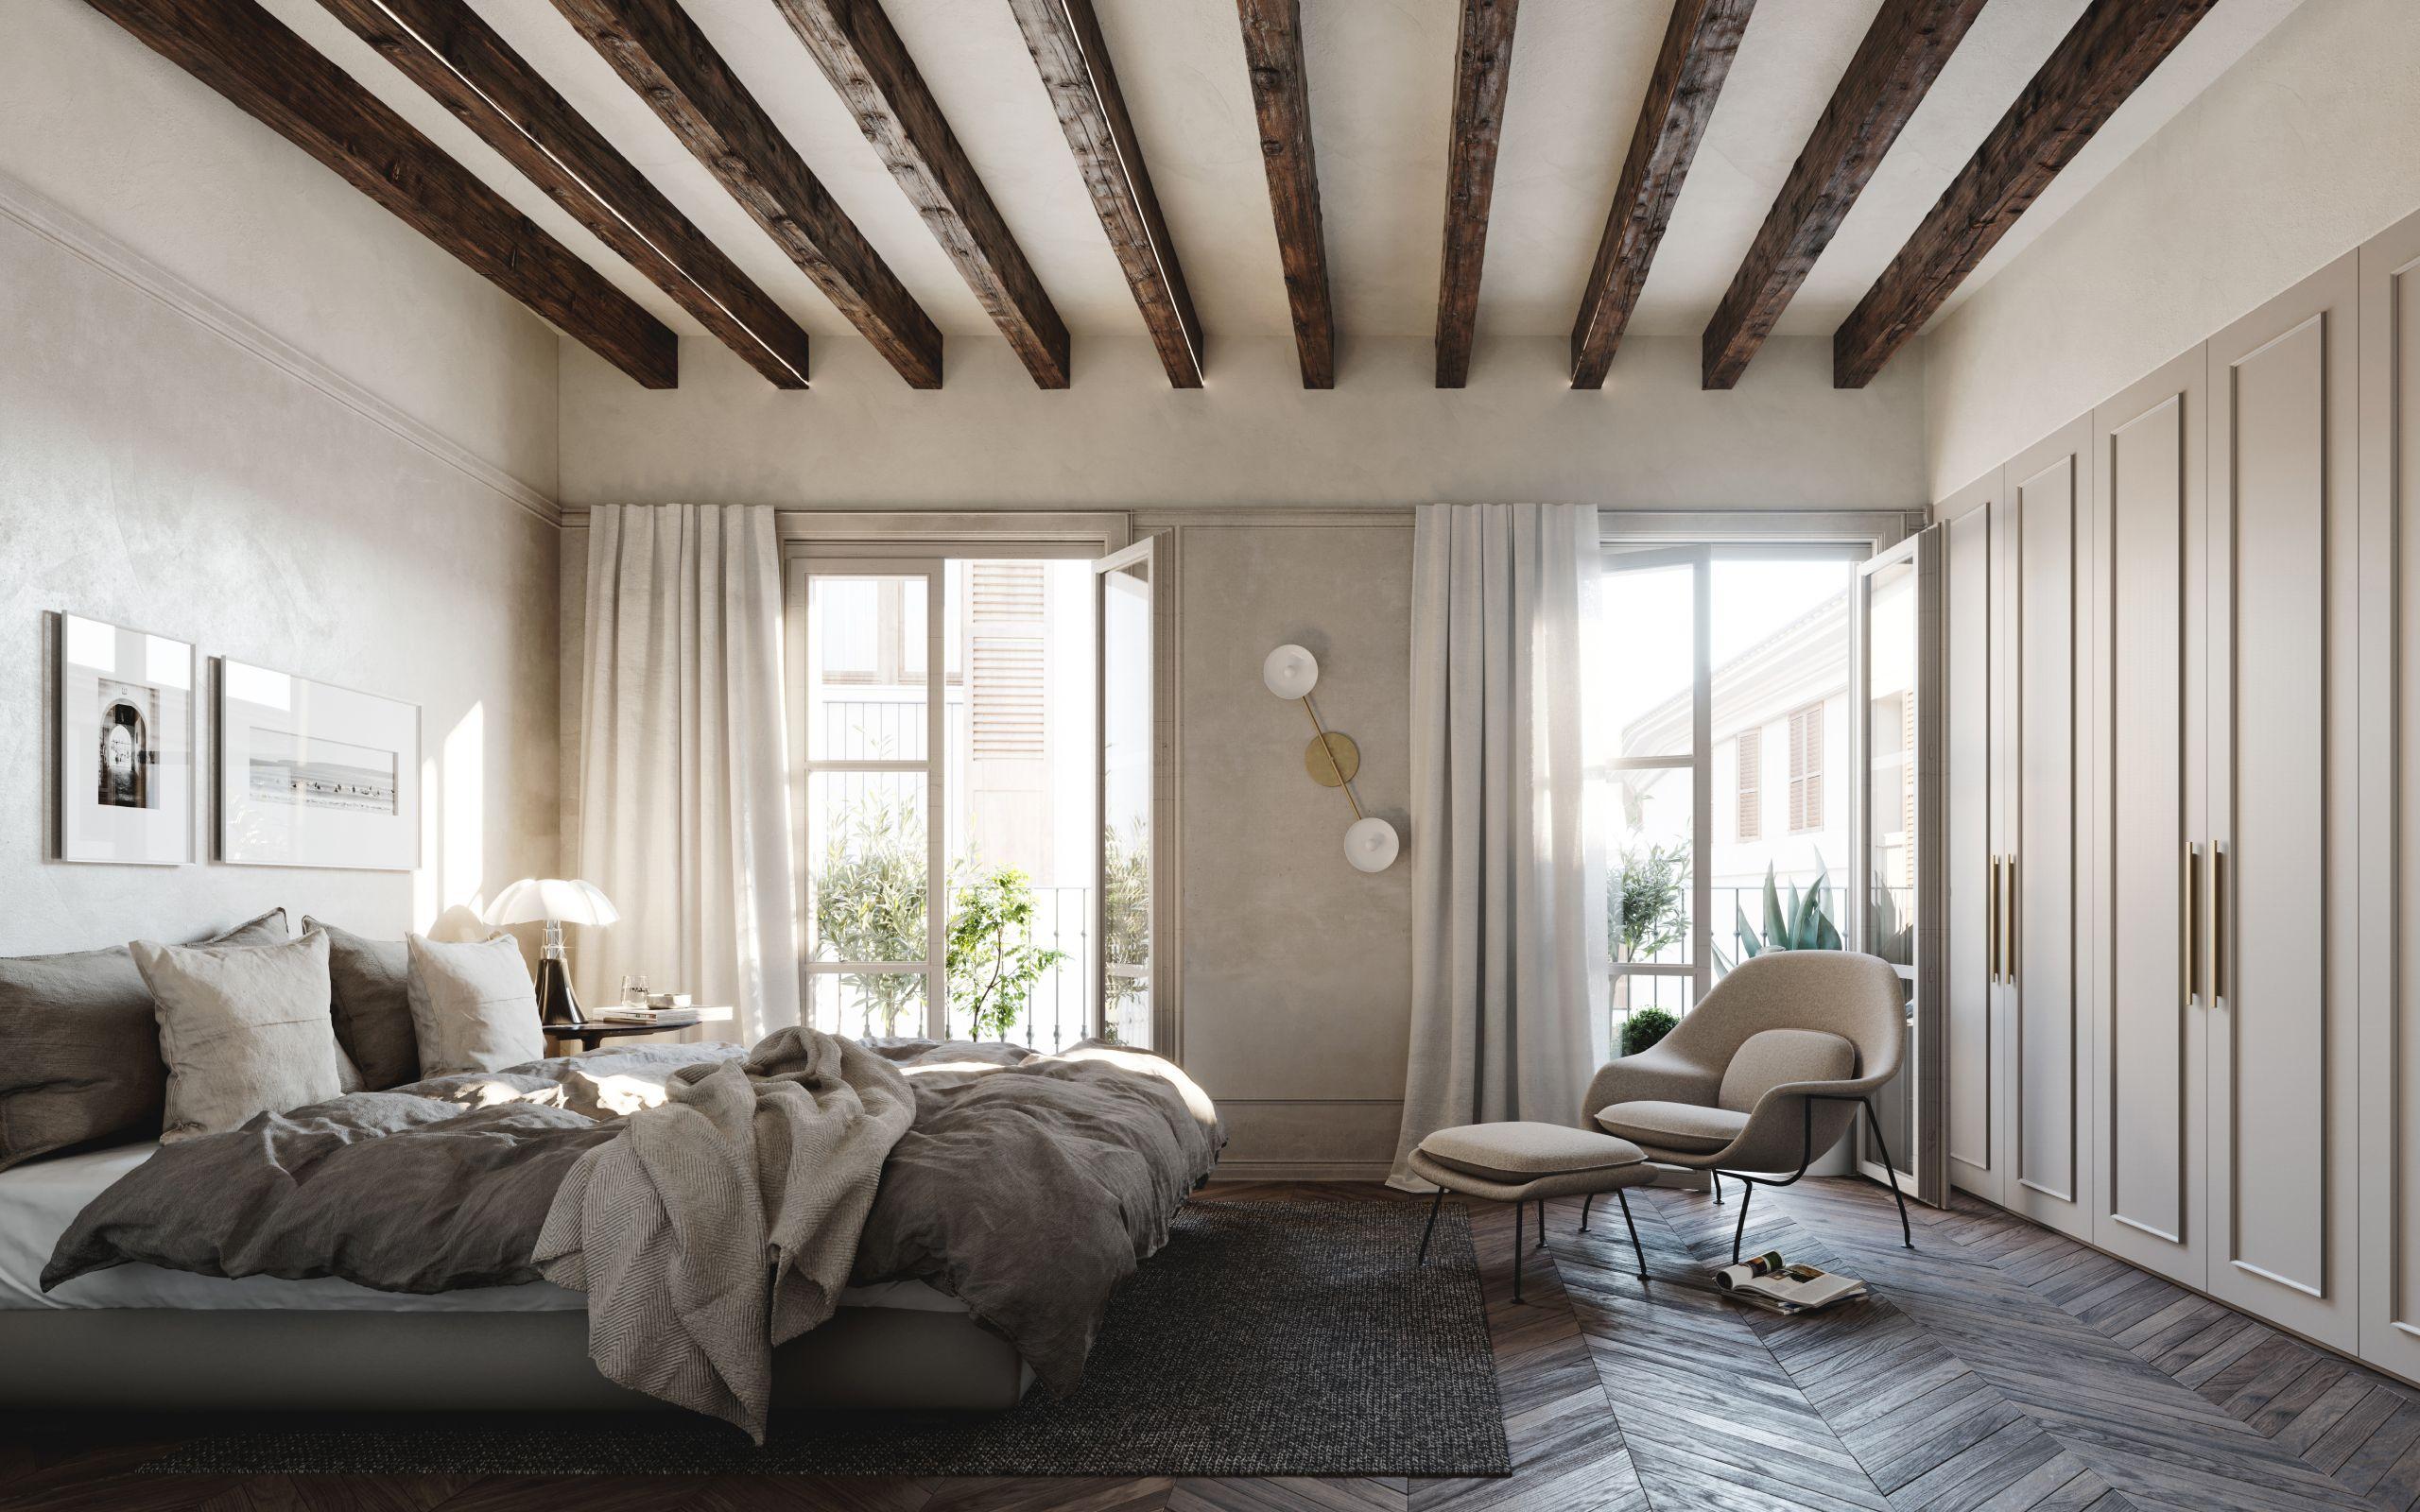 13 mẫu ghế cho phòng ngủ khiến bạn thậm chí còn yêu ghế hơn giường - Ảnh 3.